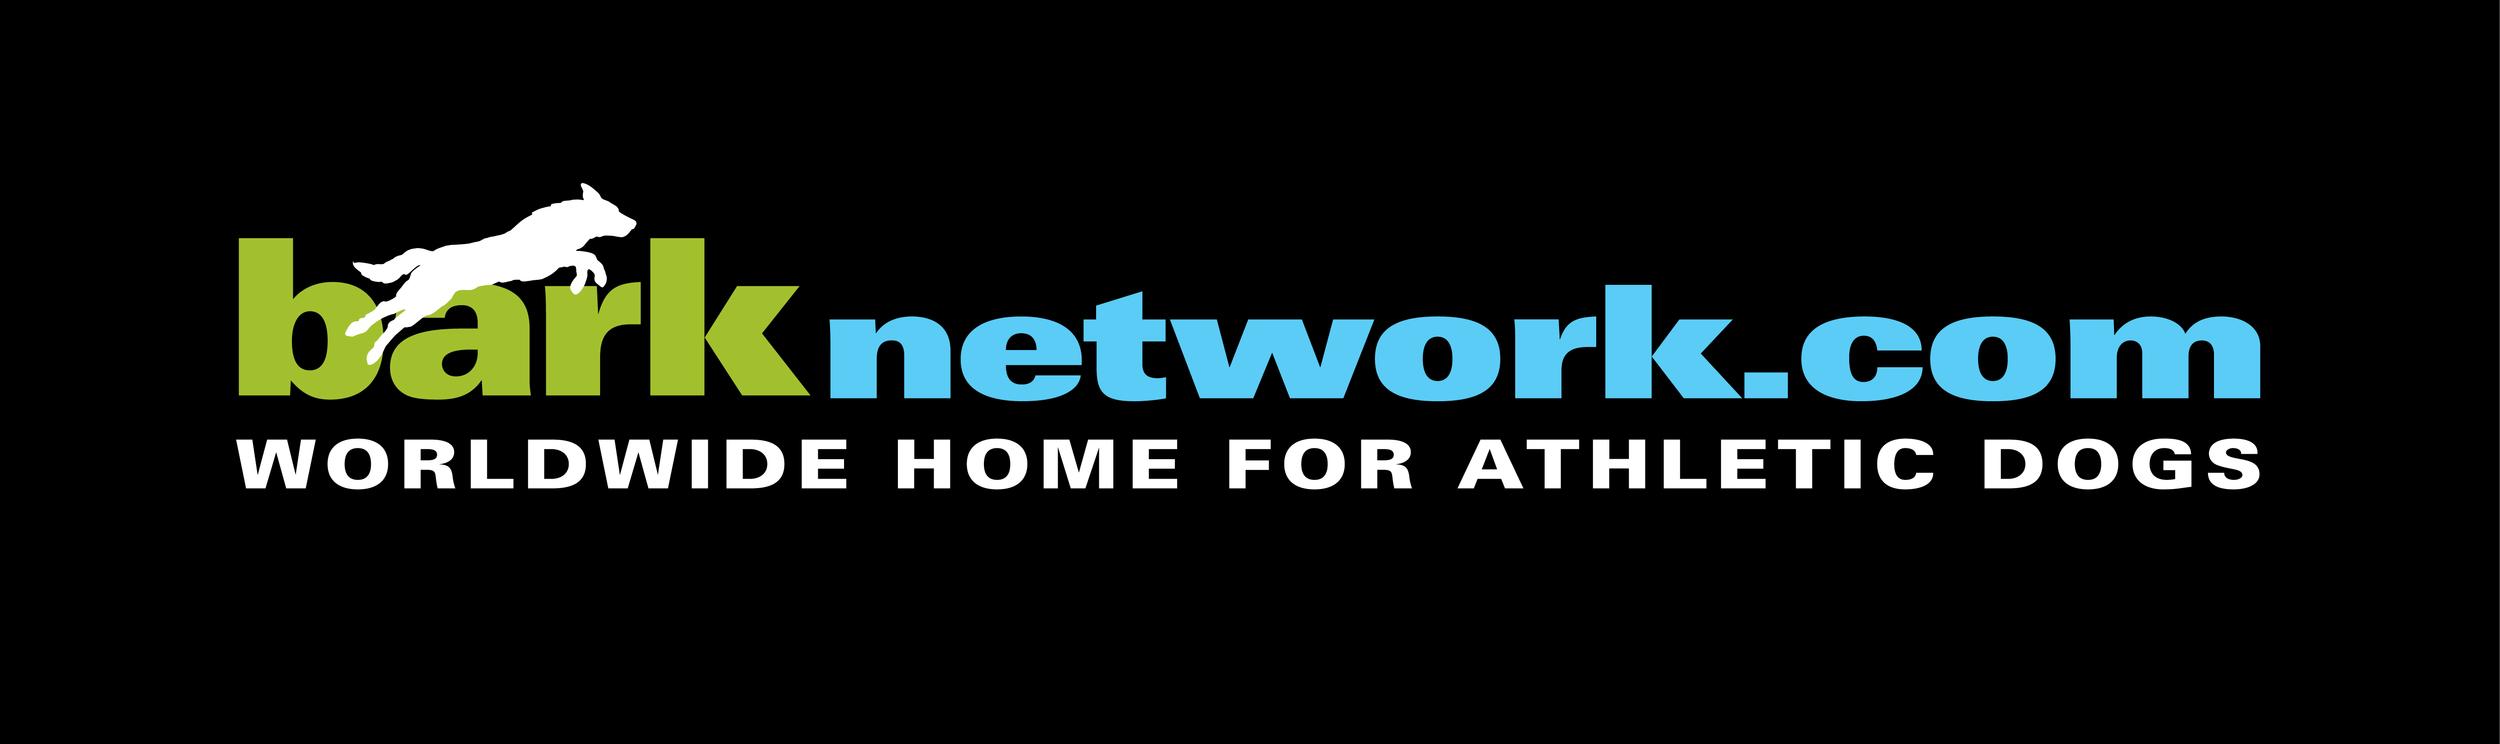 96x28Bark network banner.jpg